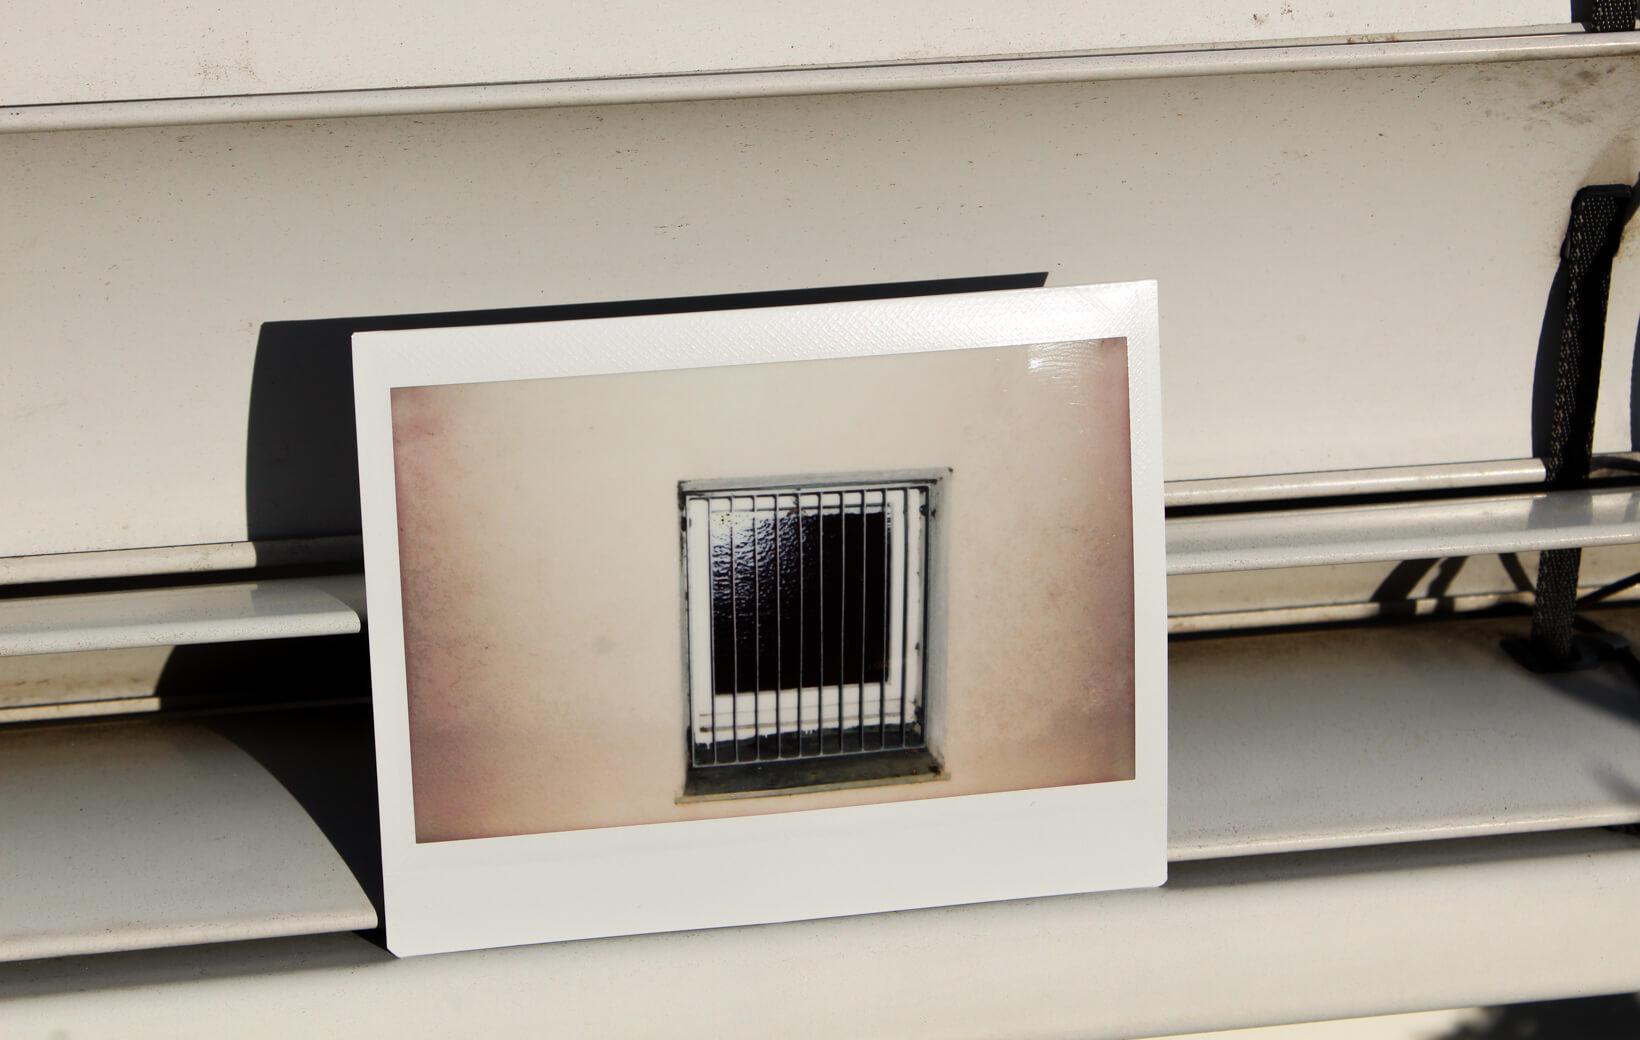 Polaroid: Gitterfenster